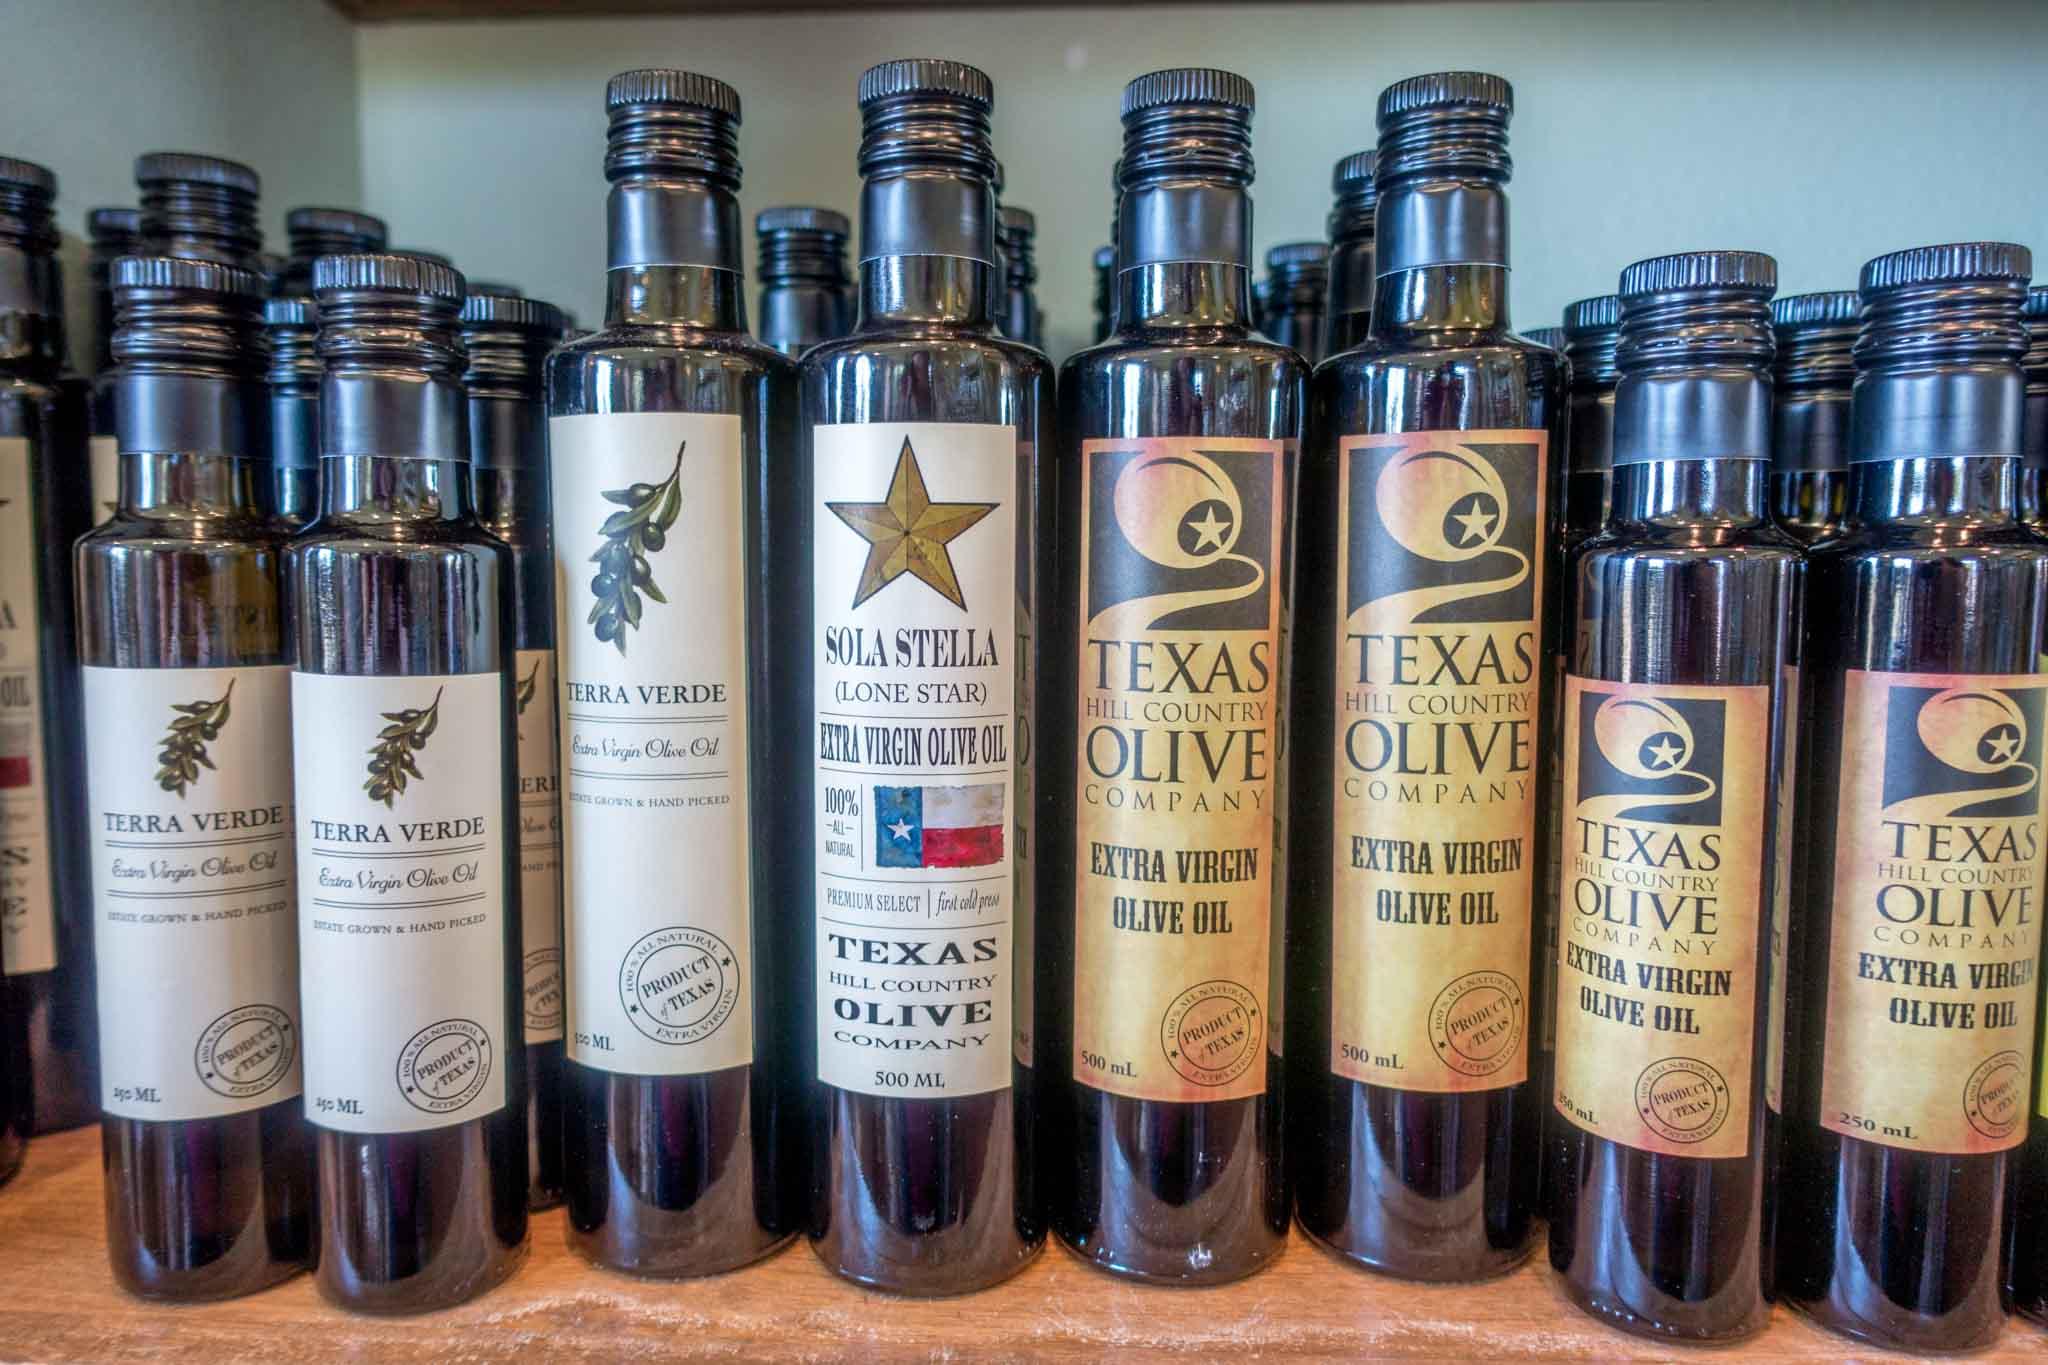 Bottles of olive oil on shelf